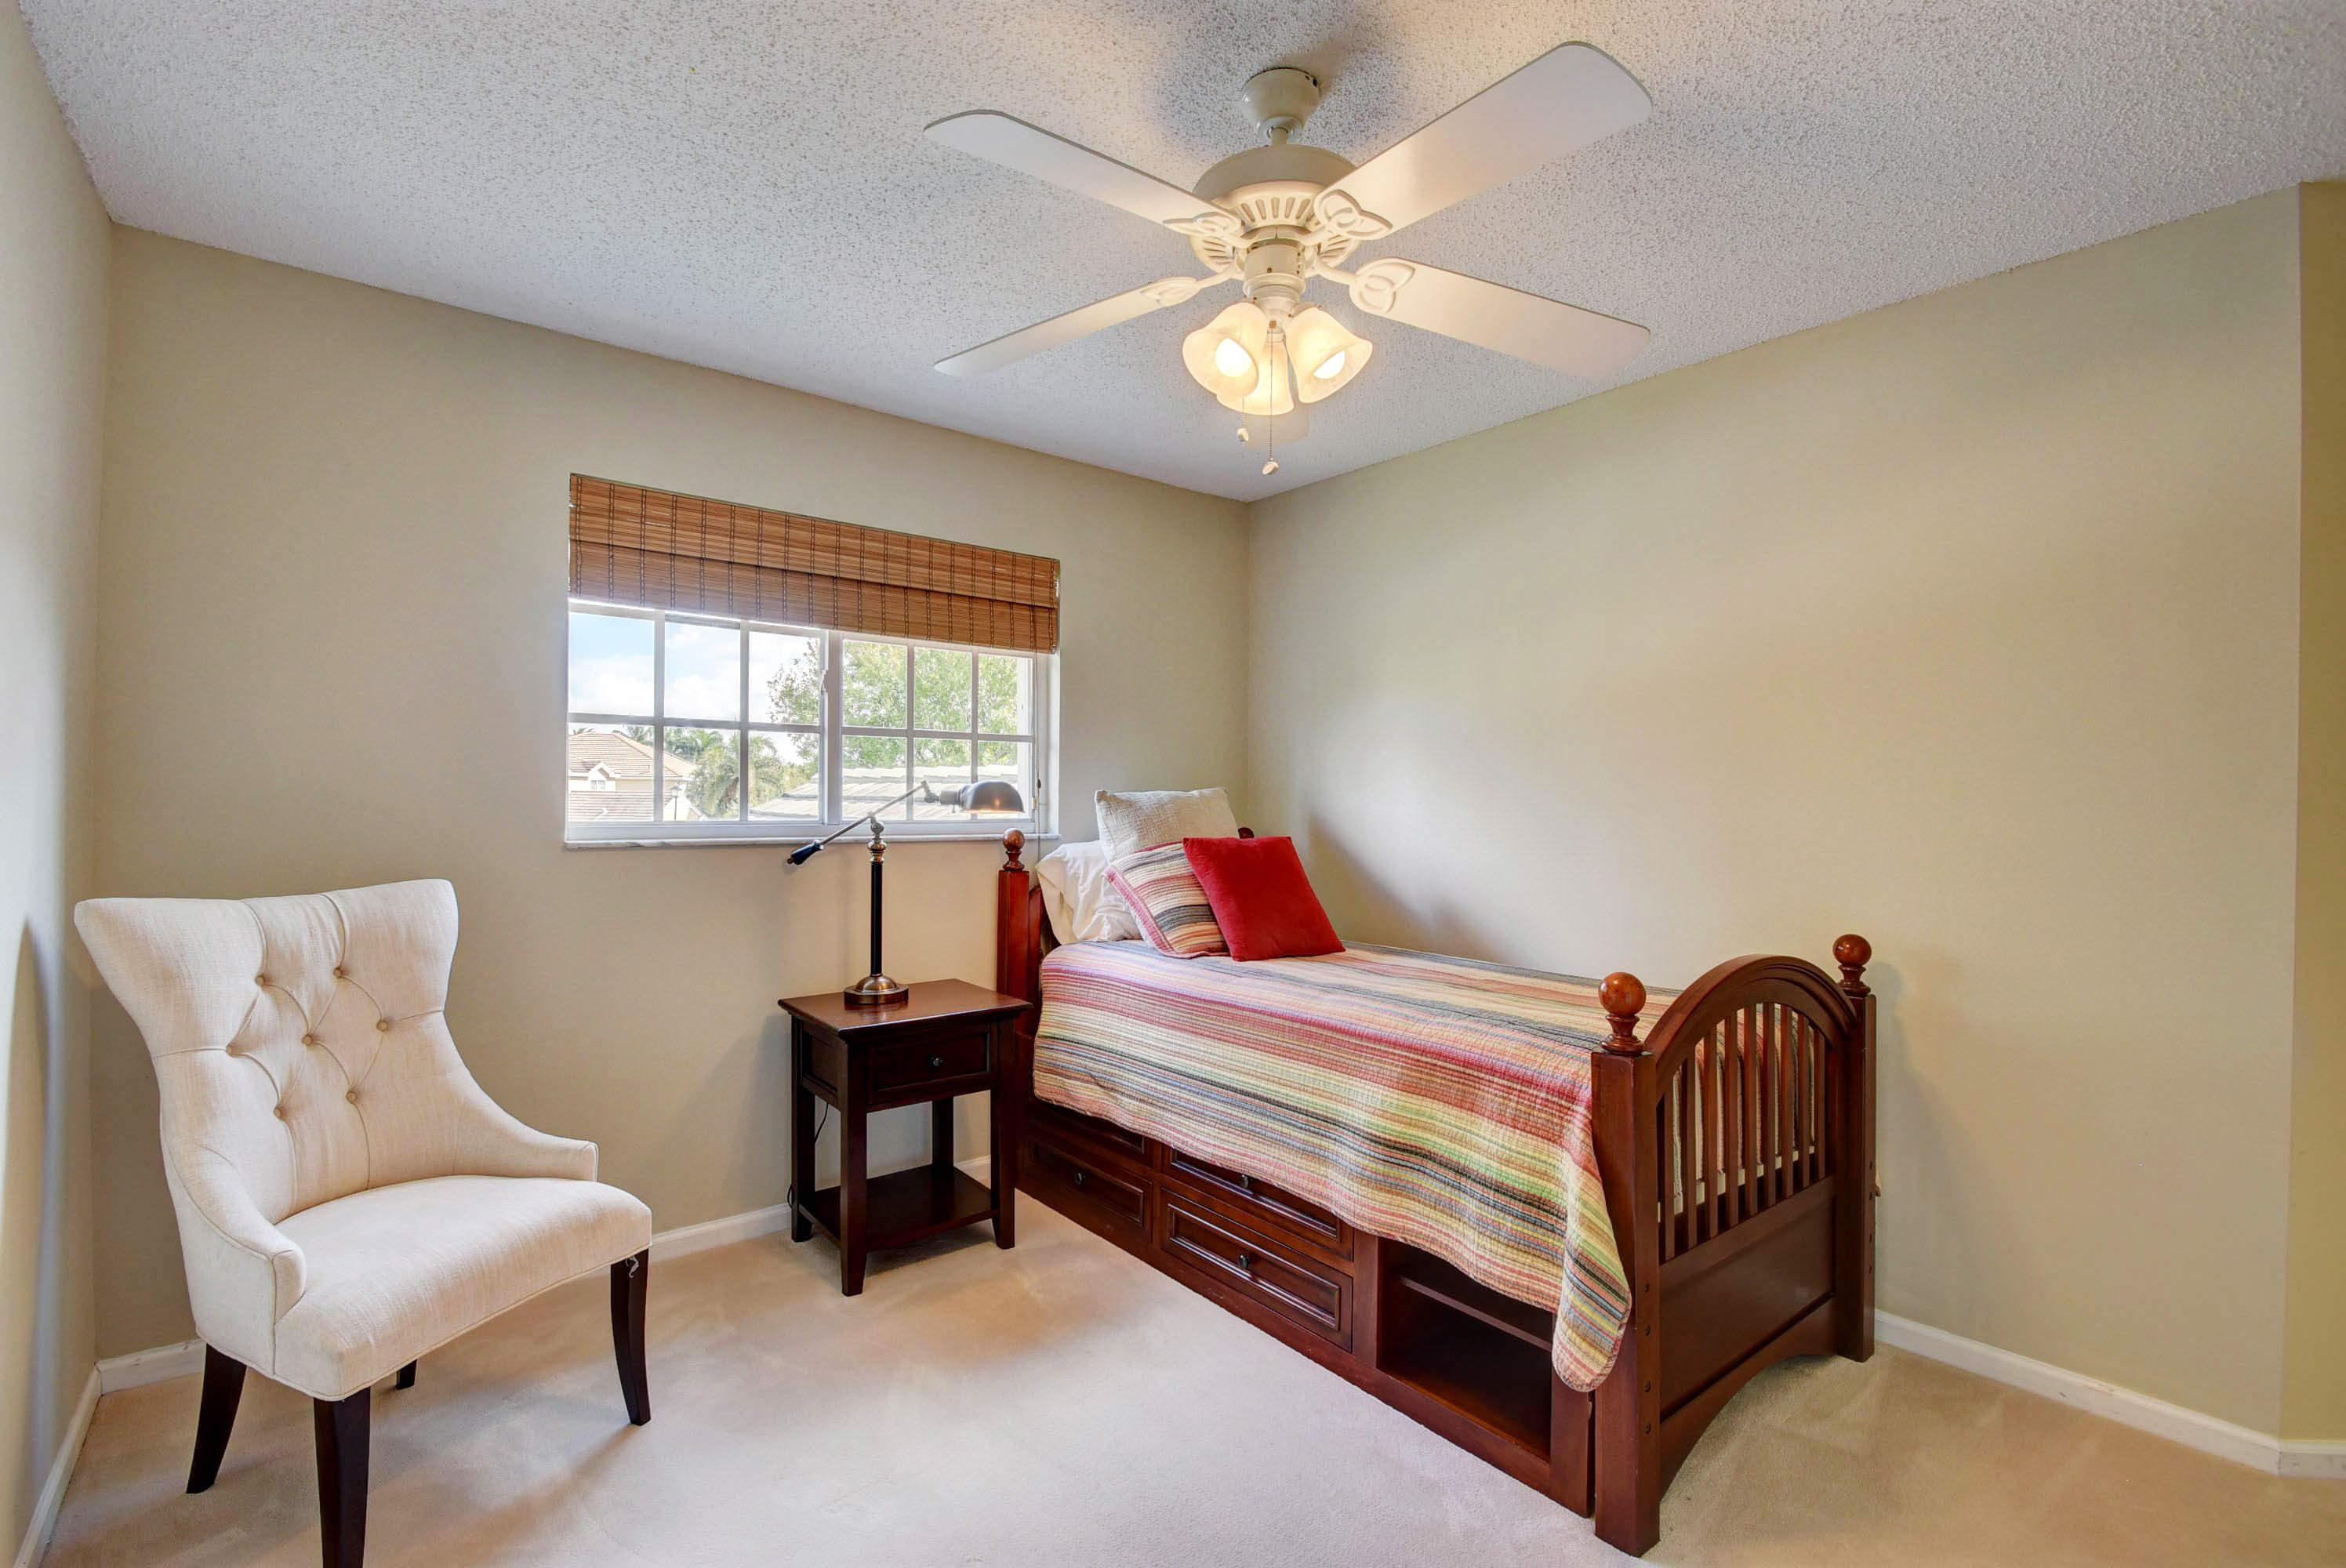 270 Kensington Way Royal Palm Beach, FL 33414 photo 29